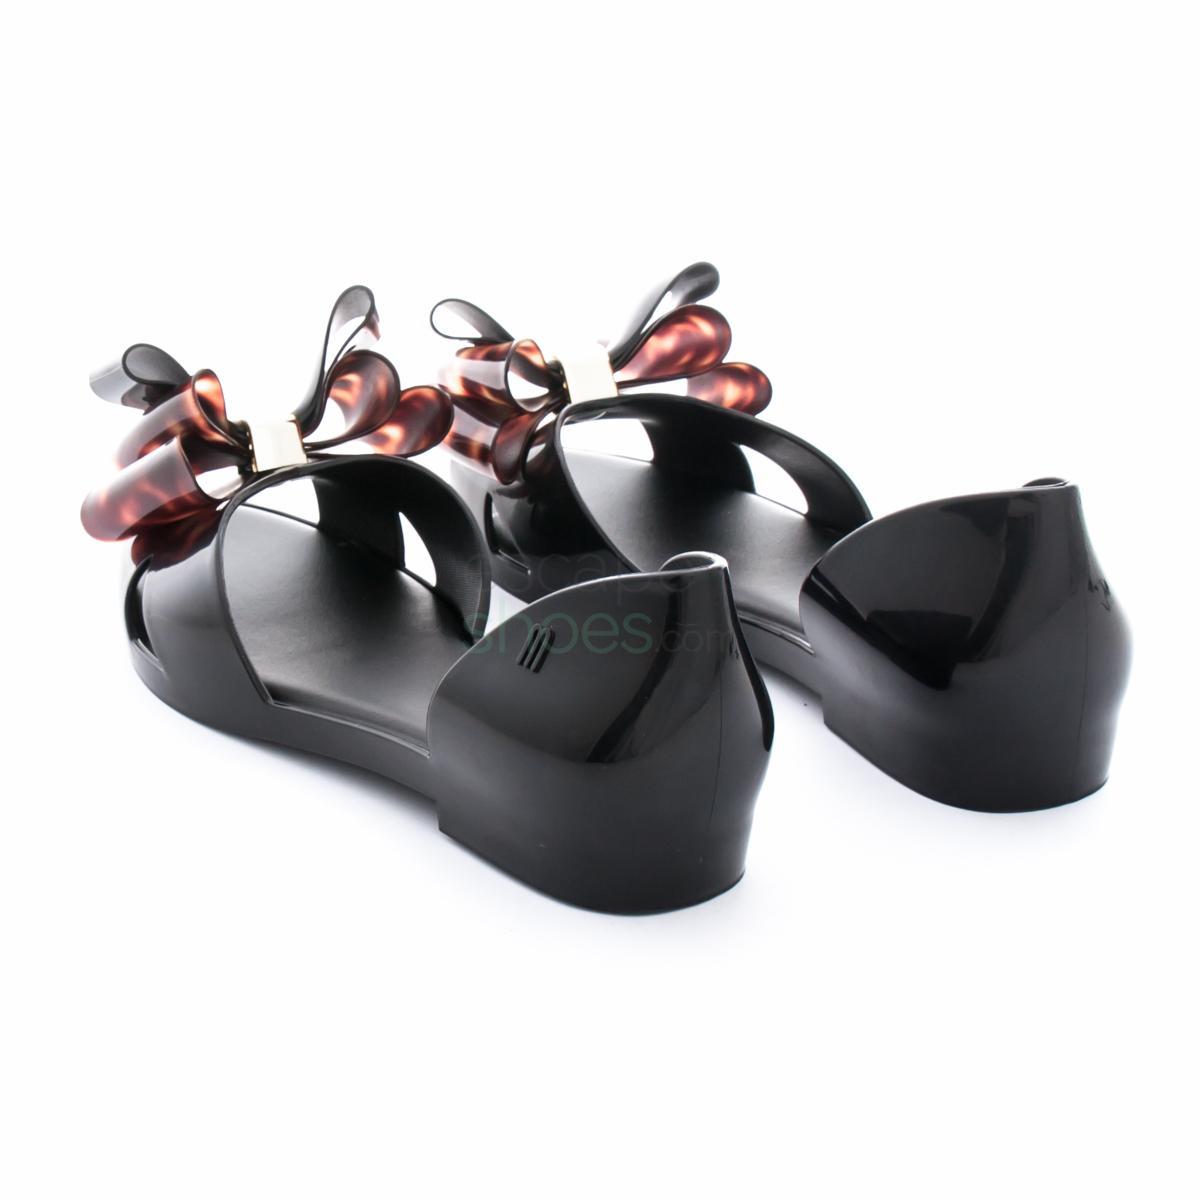 Sandalias MELISSA - Seduction II Ad 31920 Black/Tortoise